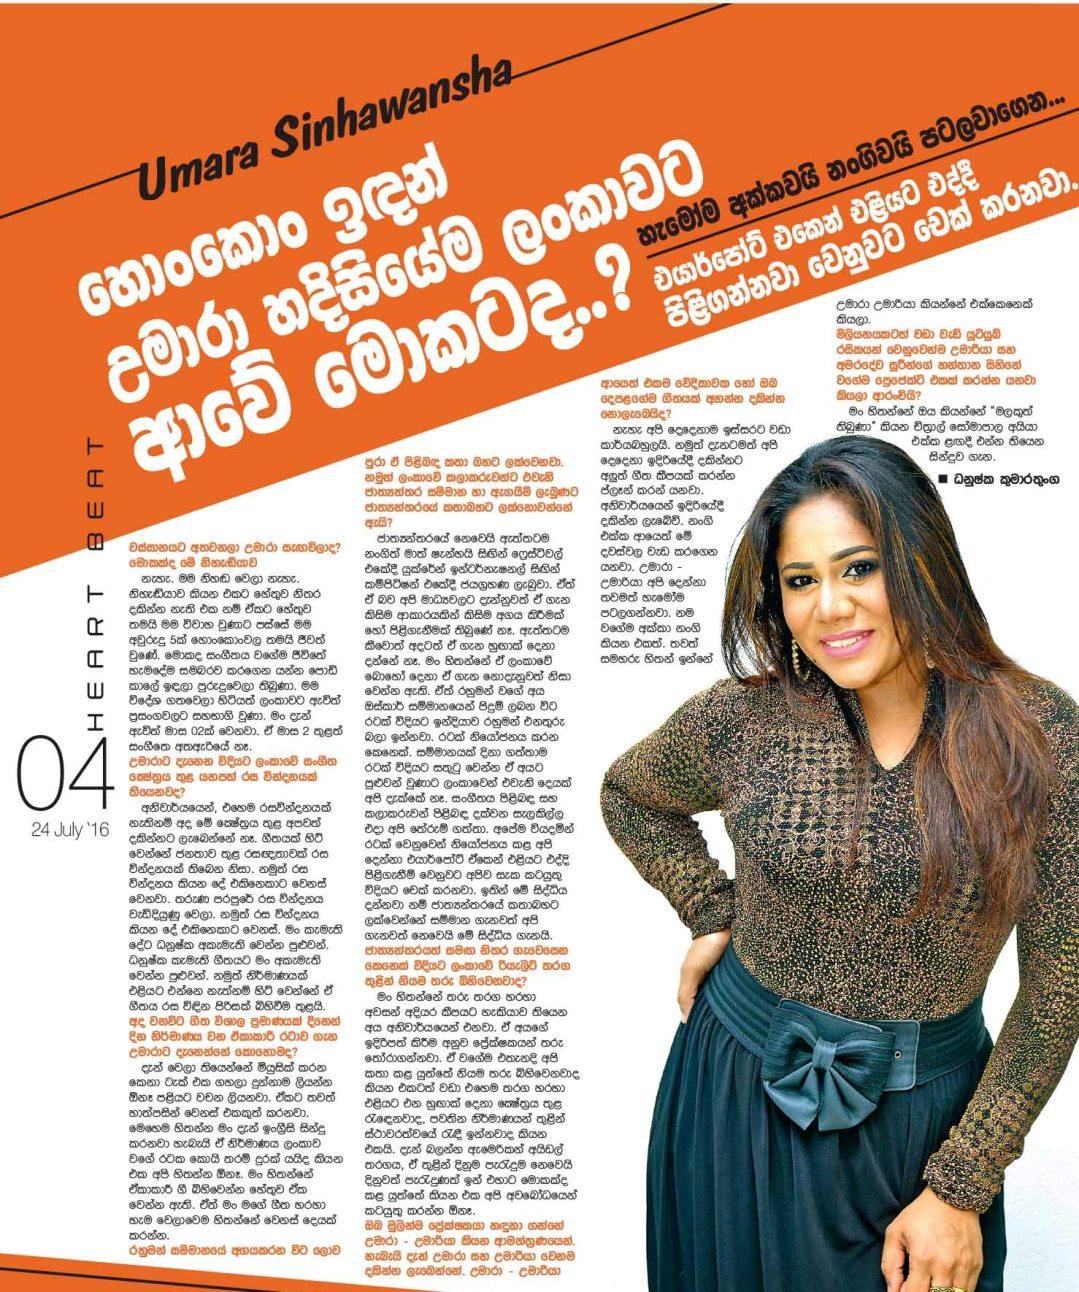 Gossip Chat with Umara Sinhawansa